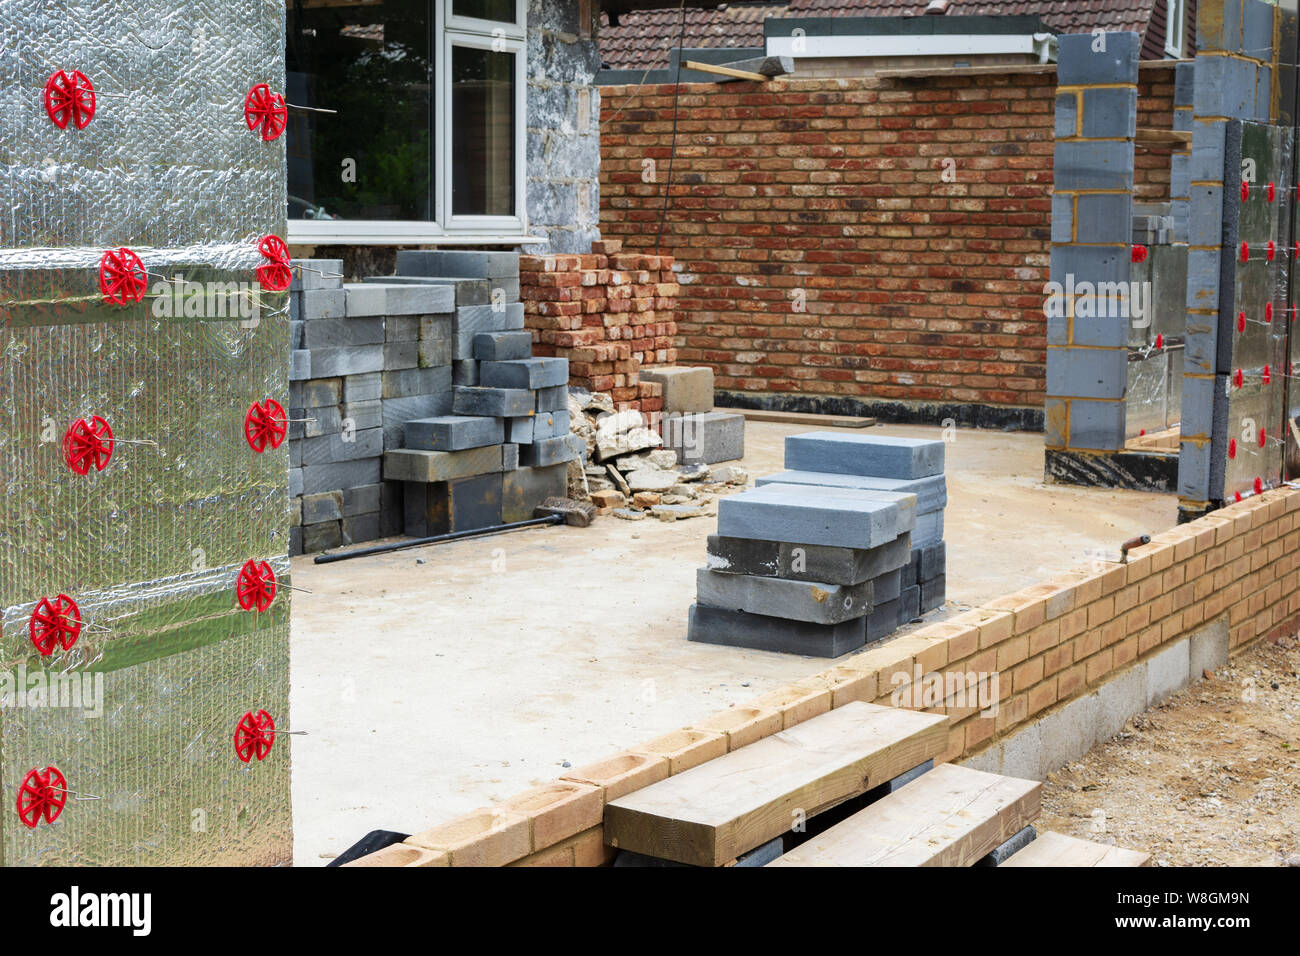 Les projets de rénovation. Construction d'extension de la maison existante, isolation des murs en brique, selective focus Banque D'Images